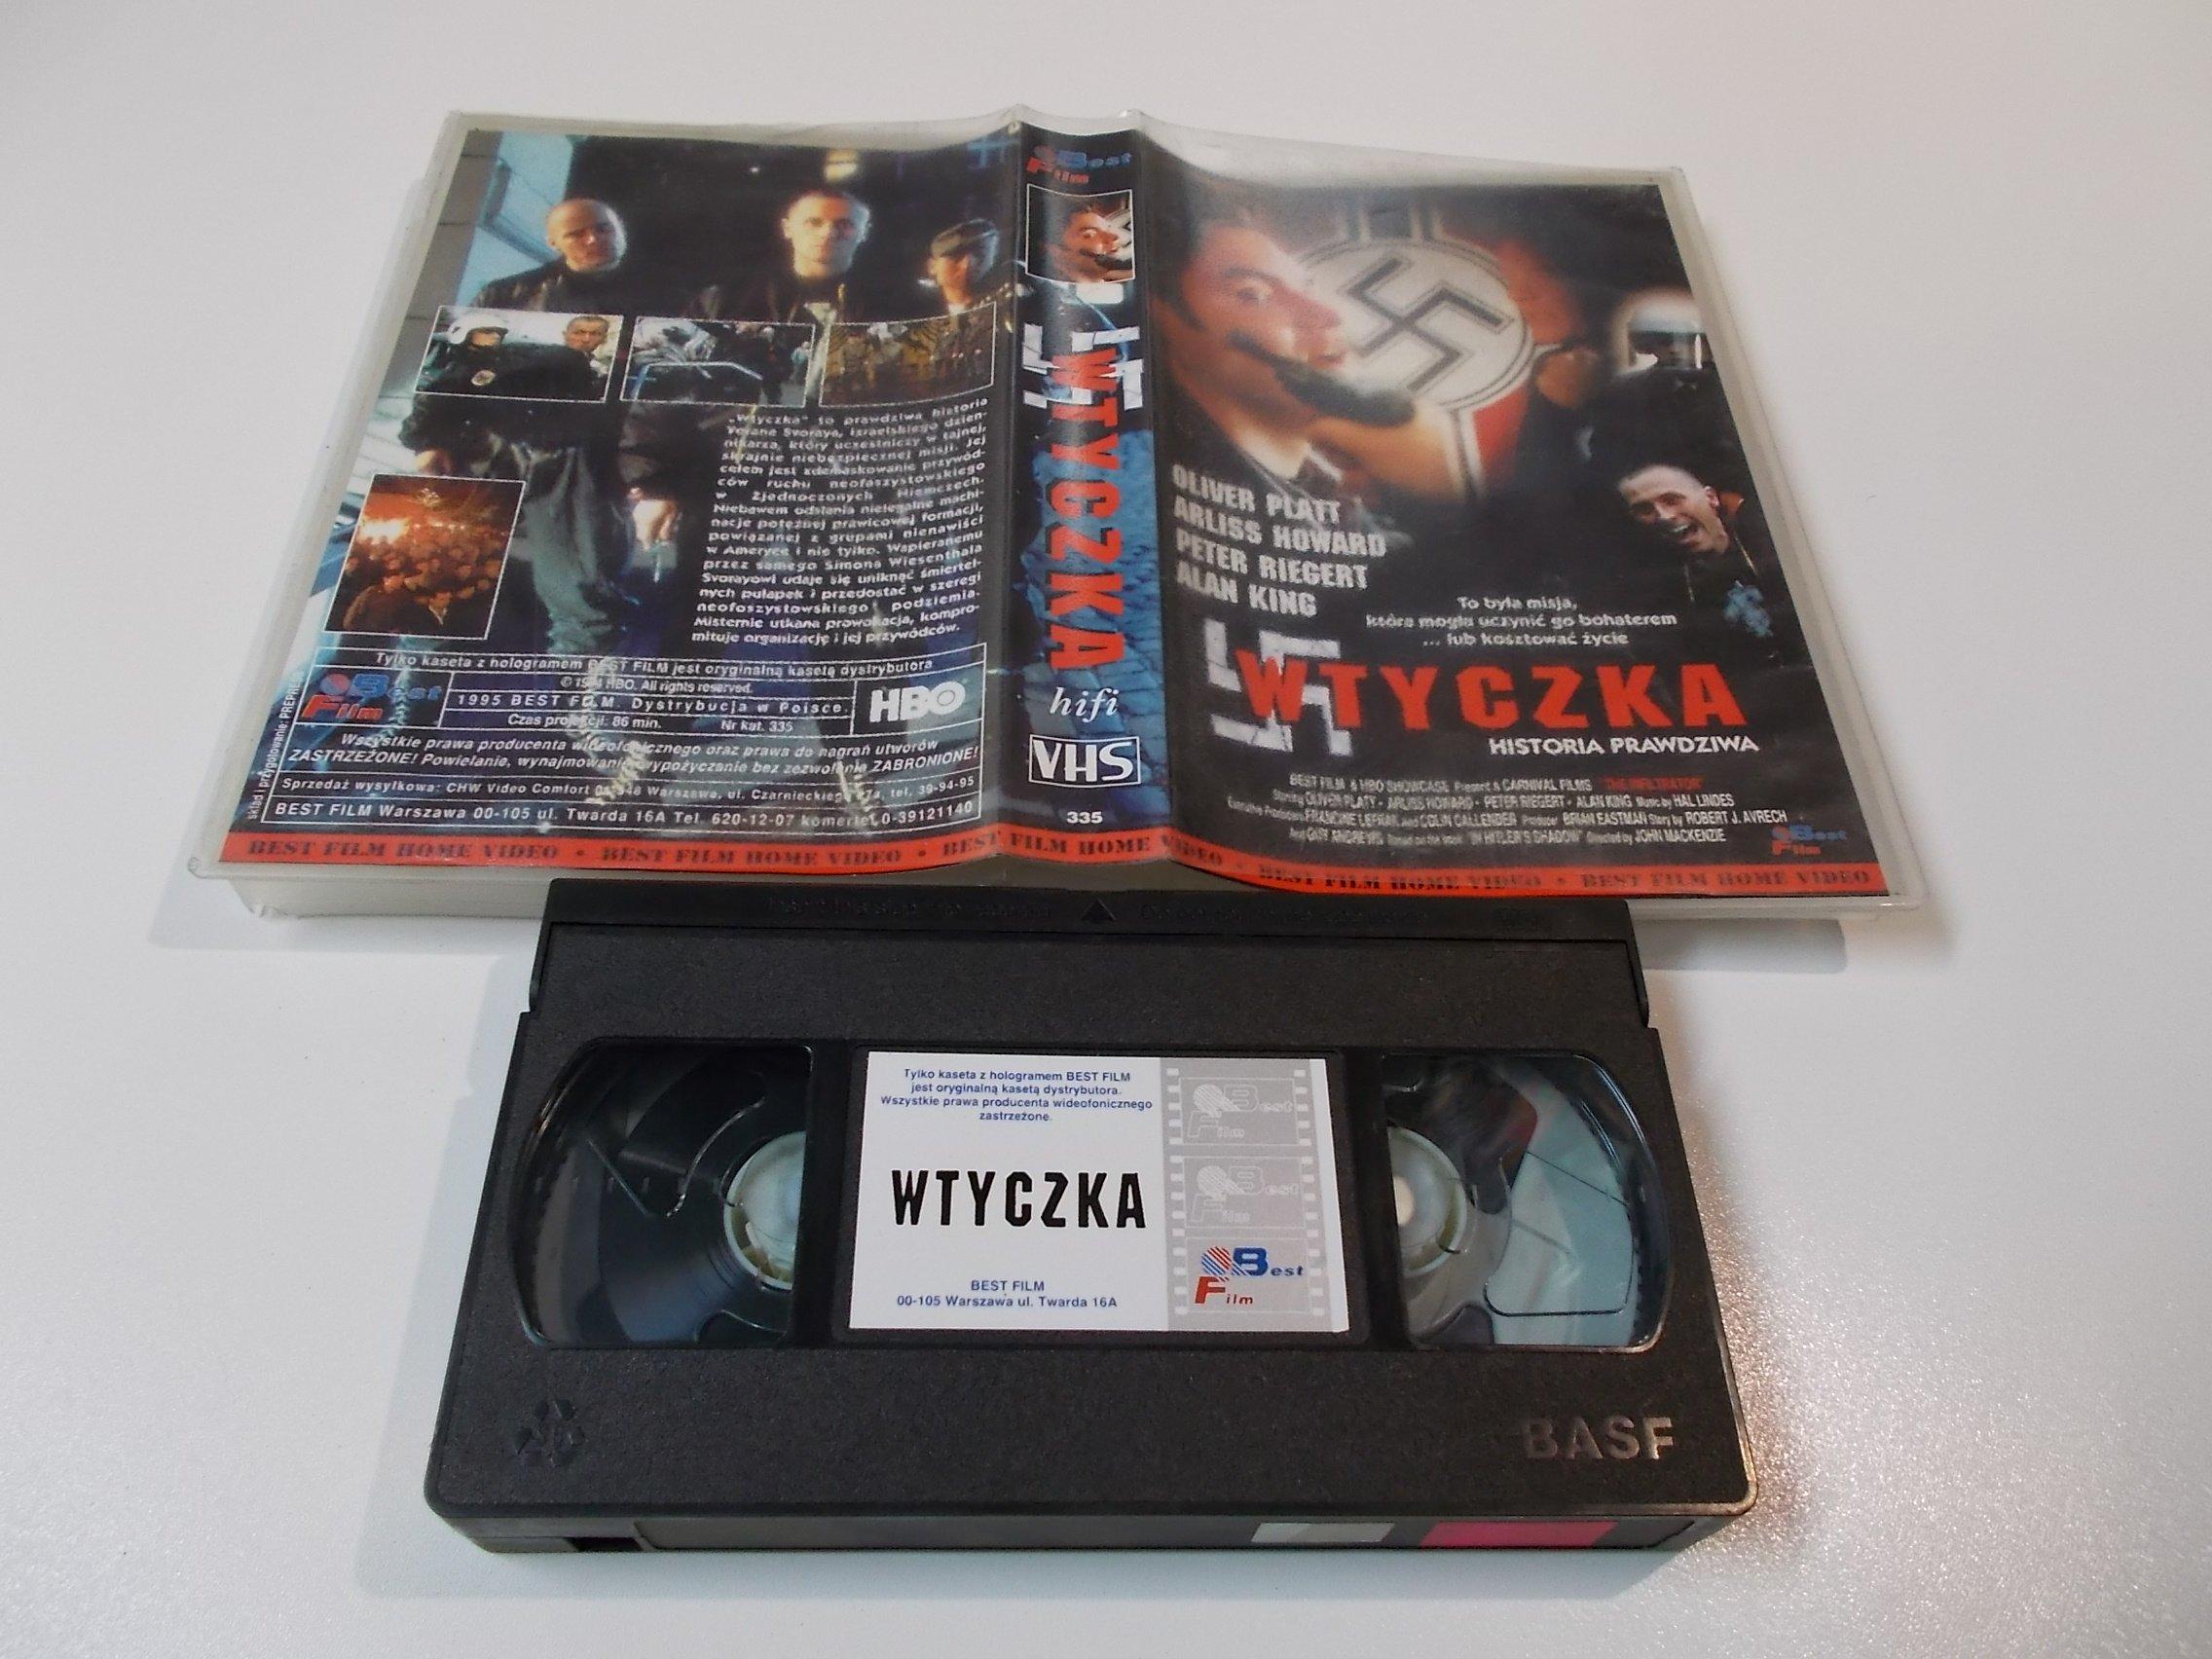 WTYCZKA - kaseta Video VHS - 1439 Sklep